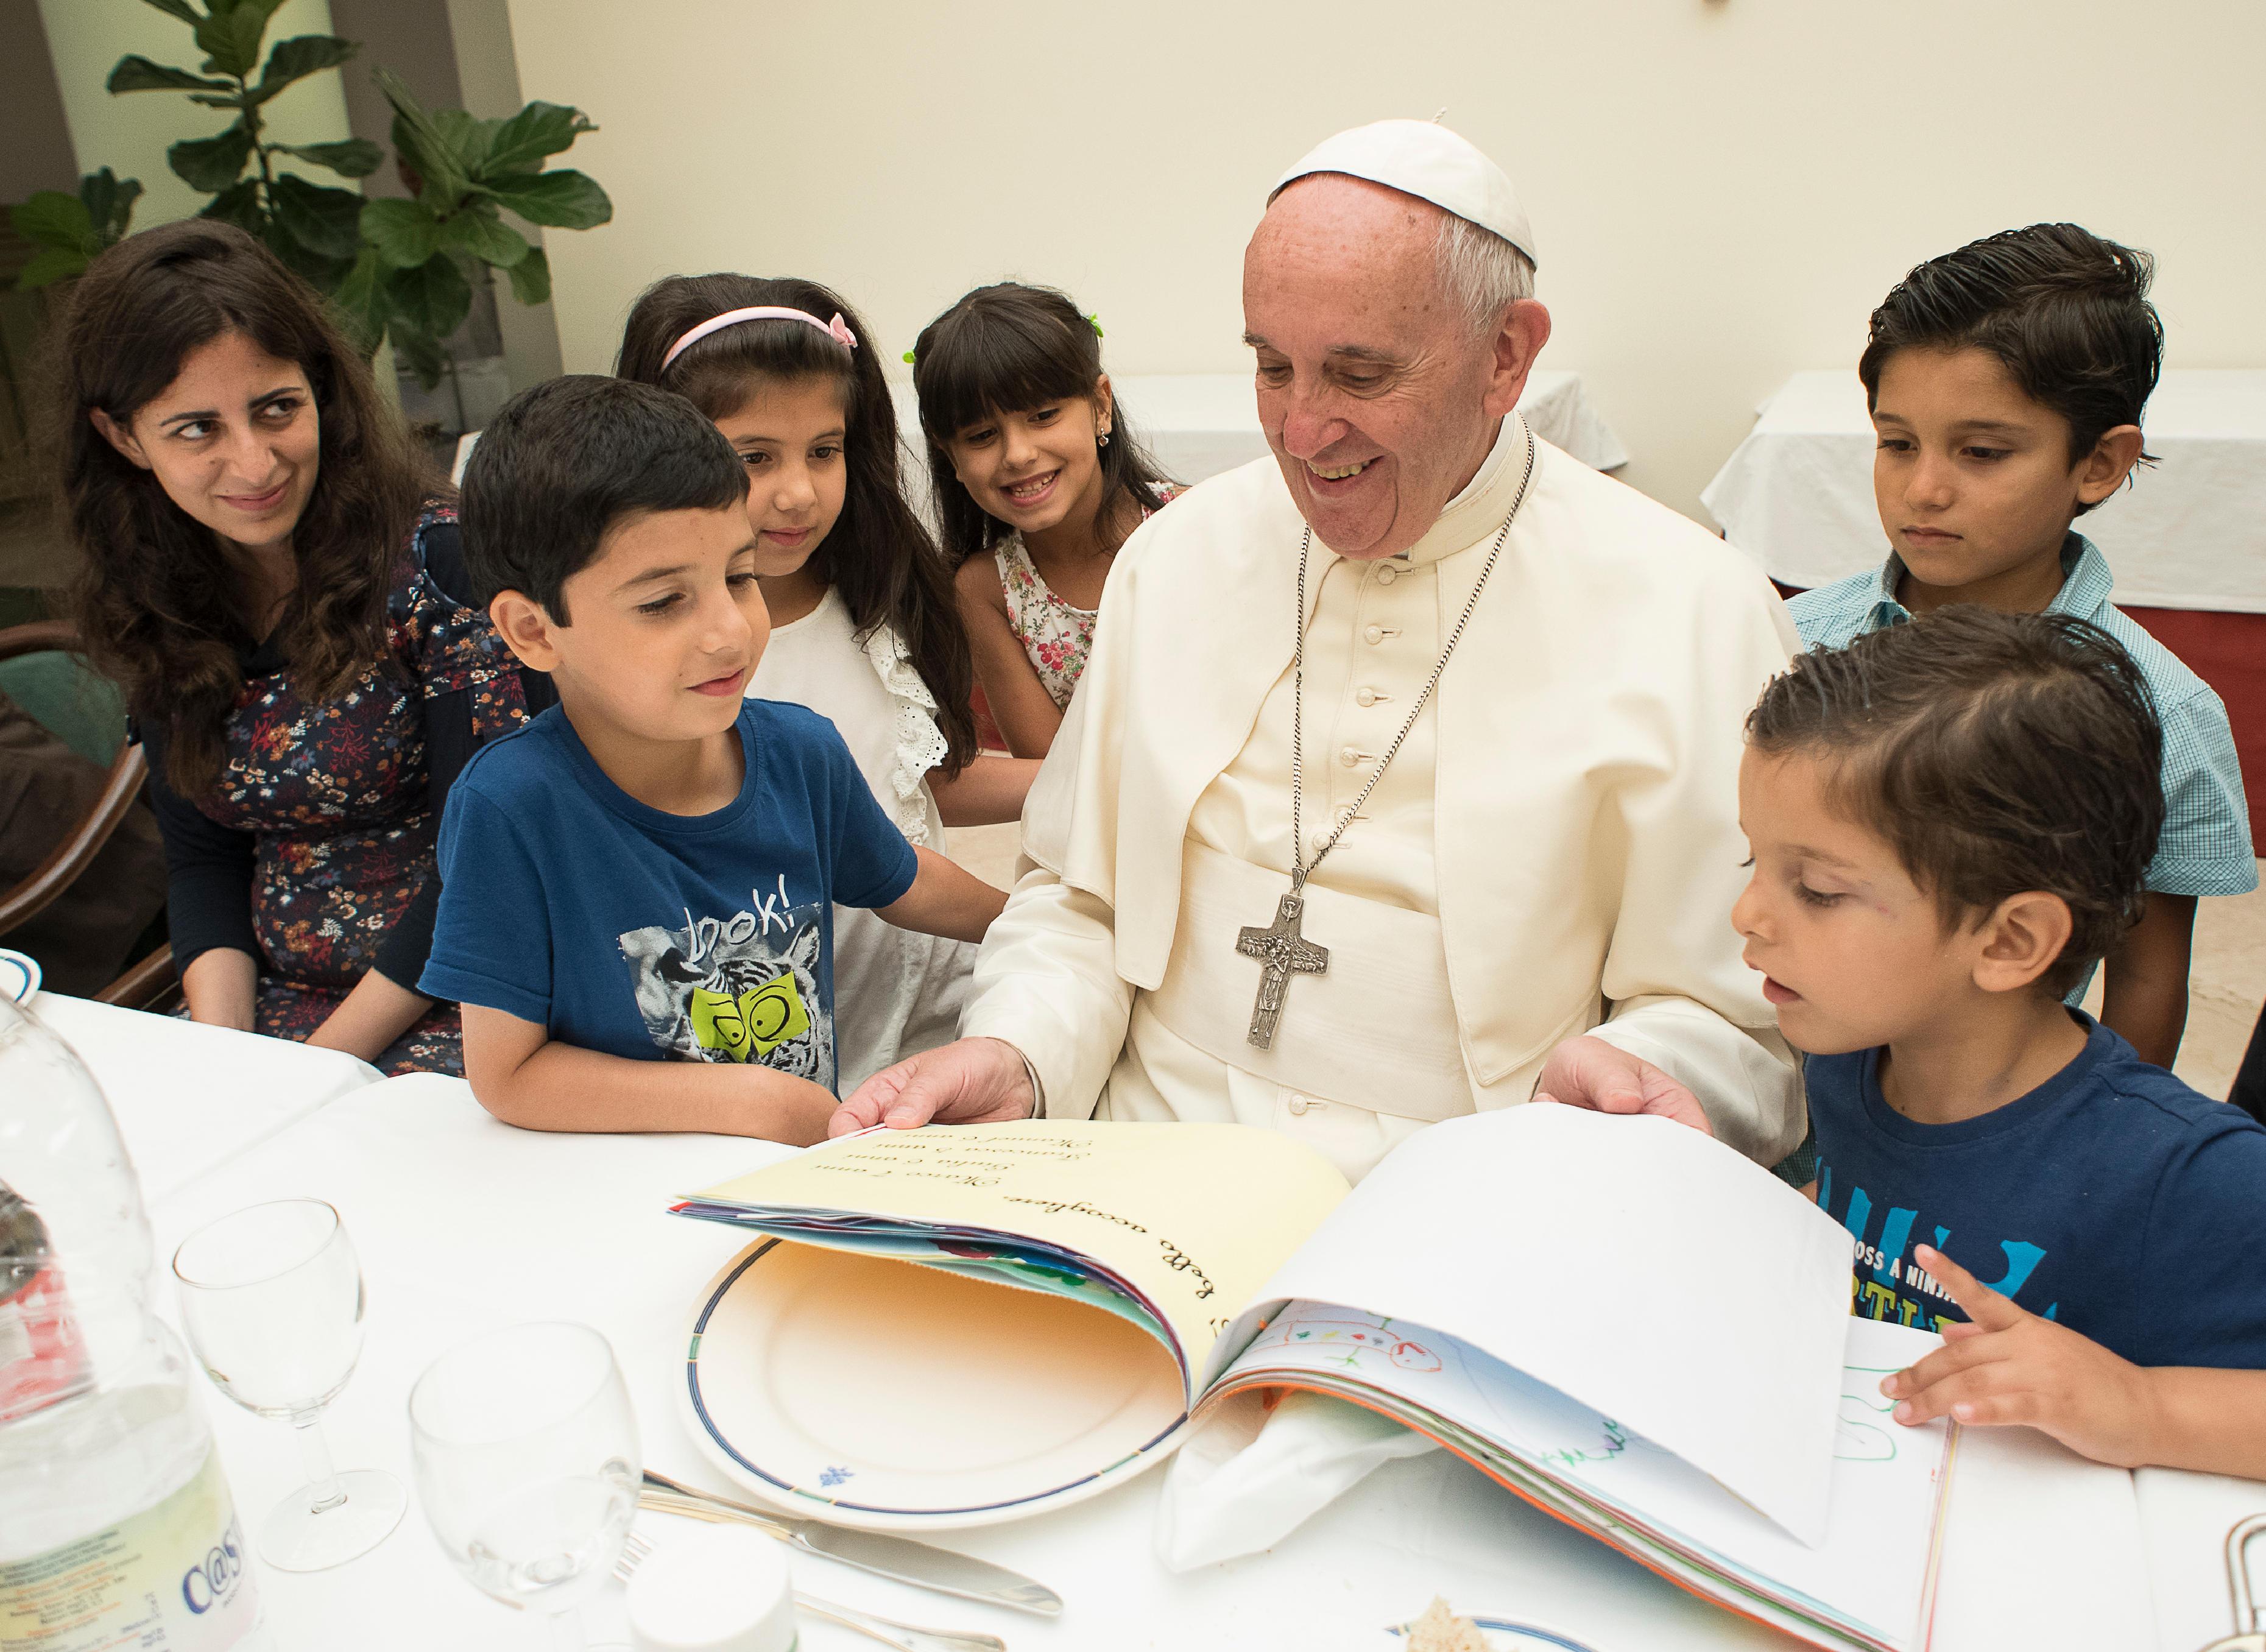 Le pape déjeune avec des réfugiés syriens © L'Osservatore Romano